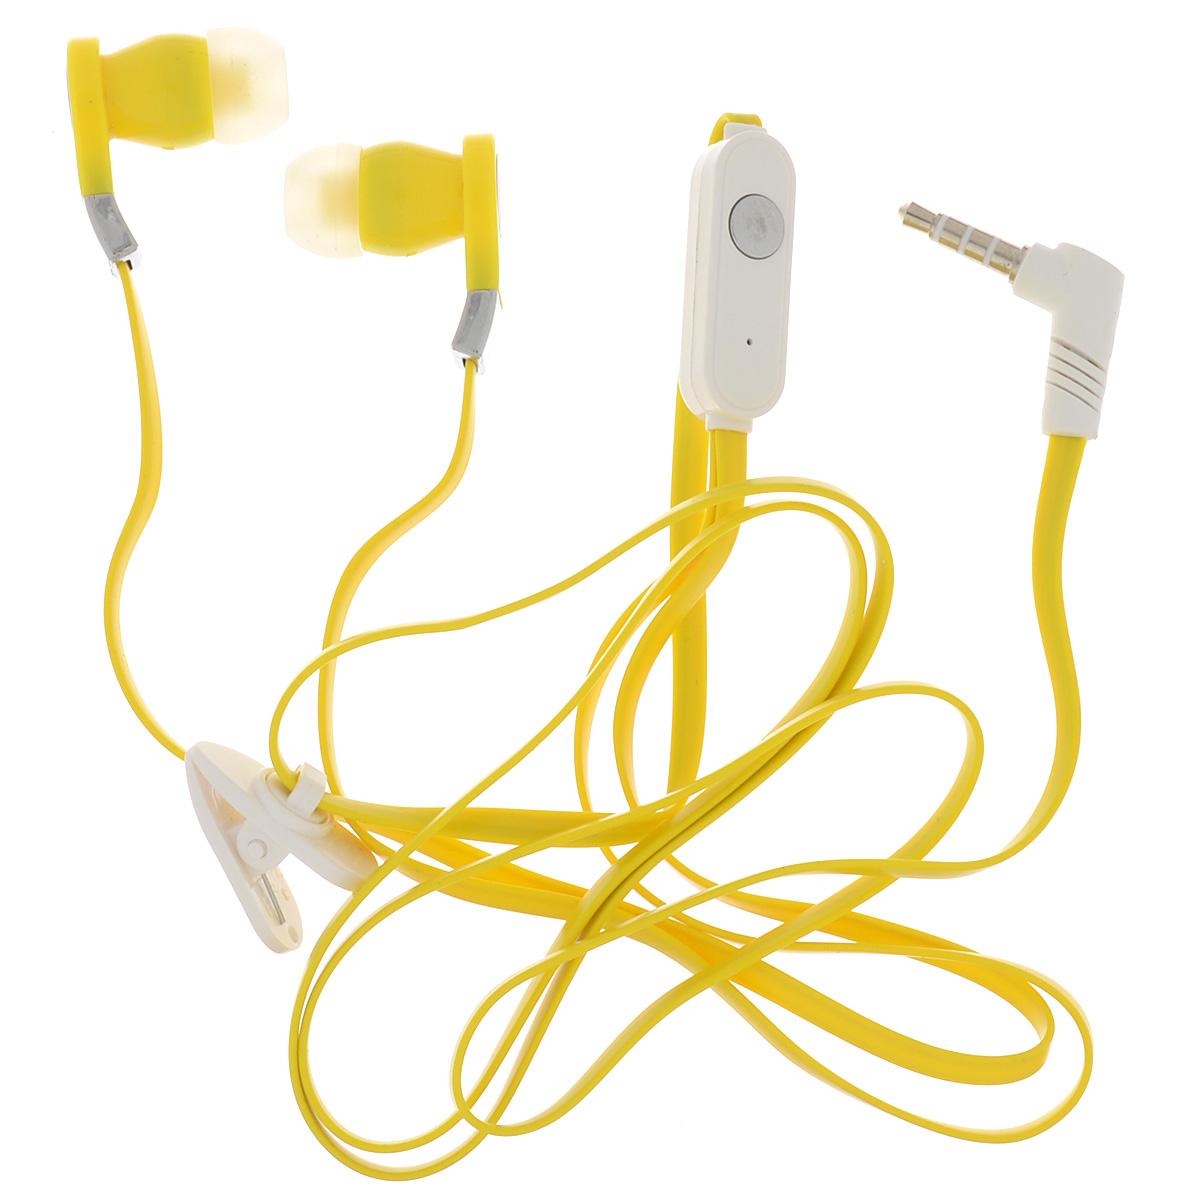 Harper HV-103, Yellow наушникиHV-103 yellowHarper HV-103 - компактные и недорогие внутриканальные наушники с функцией гарнитуры. Кабель длиной 1,2 метра идеально подходит для использования на улице. Встроенный пульт и микрофон предназначен для быстрого переключения между музыкой и вызовами. L-образный штекер для прочности и долговечности кабеля. В комплект входят мягкие силиконовые накладки 3 размеров для максимального комфорта.